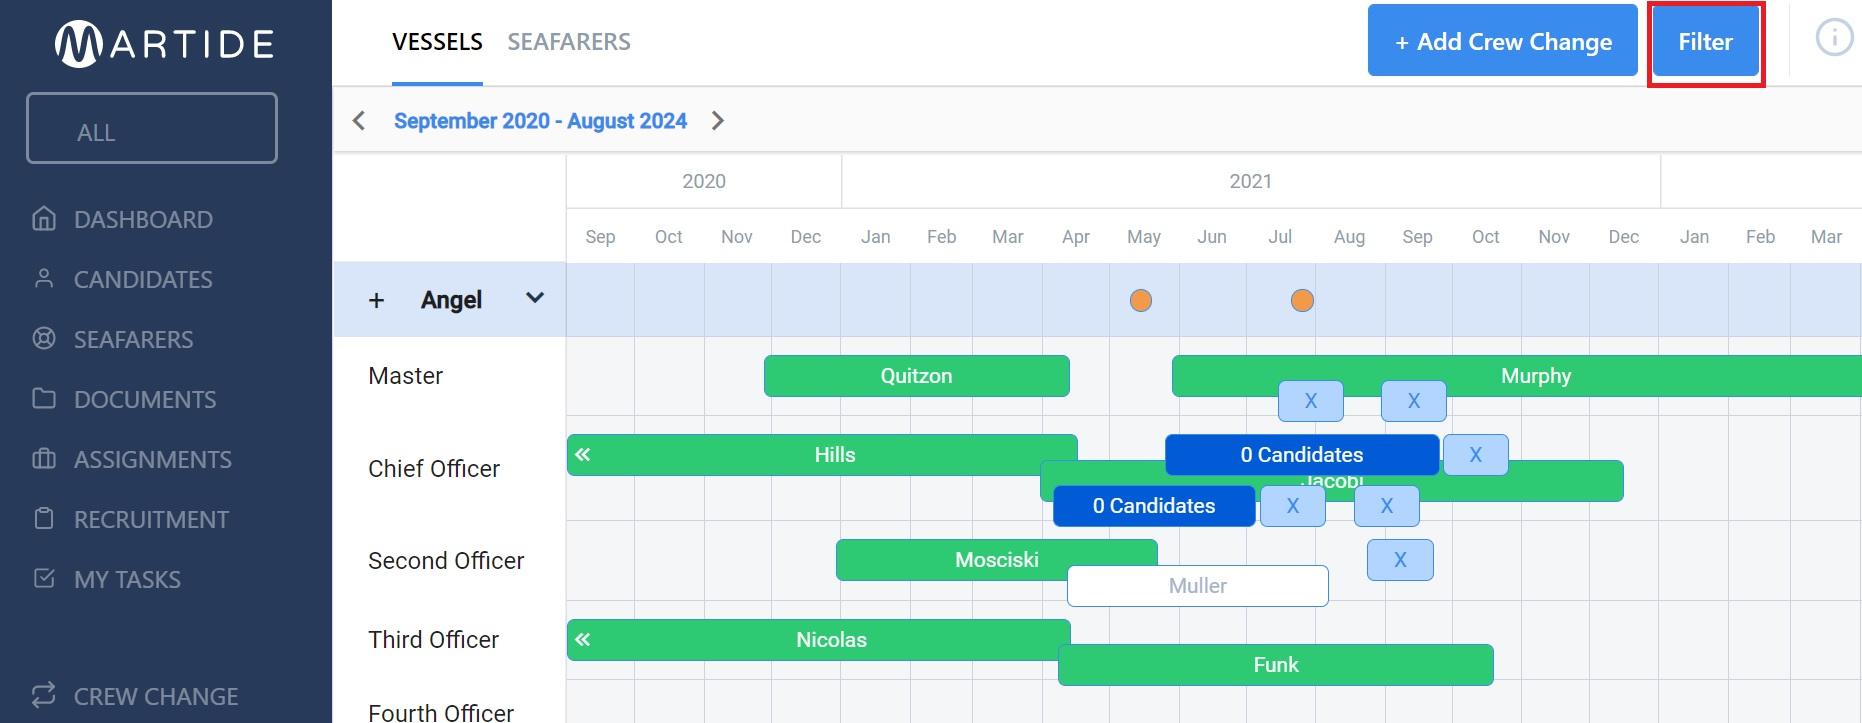 screenshot of Martide maritime recruitment website showing the planning calendar.